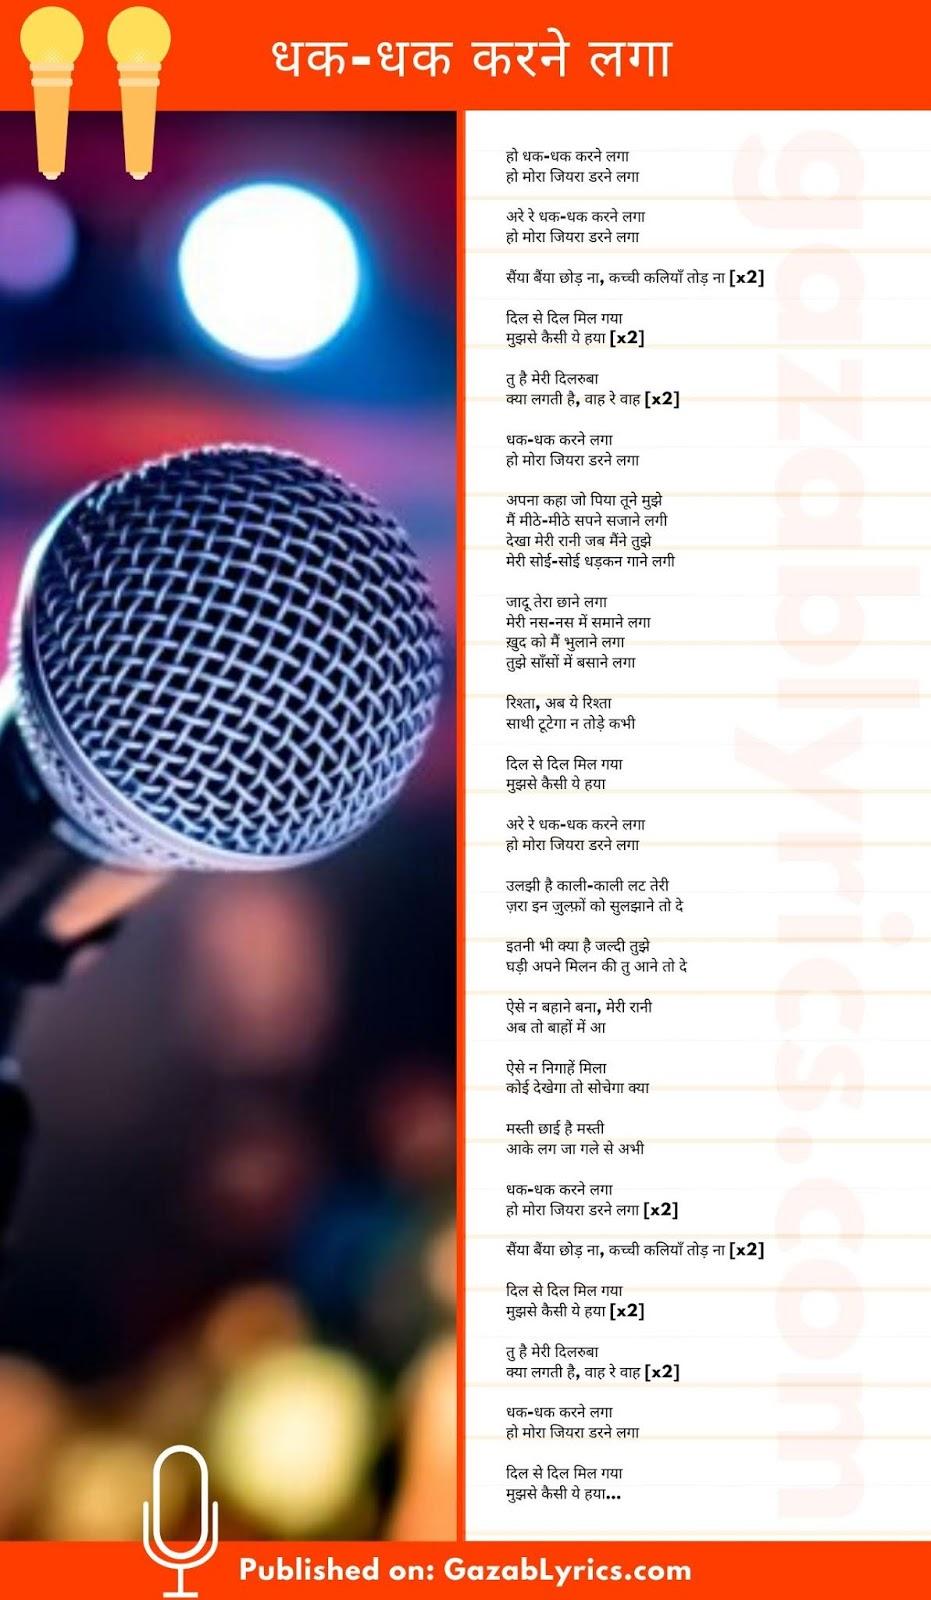 Dhak Dhak Karne Laga song lyrics image